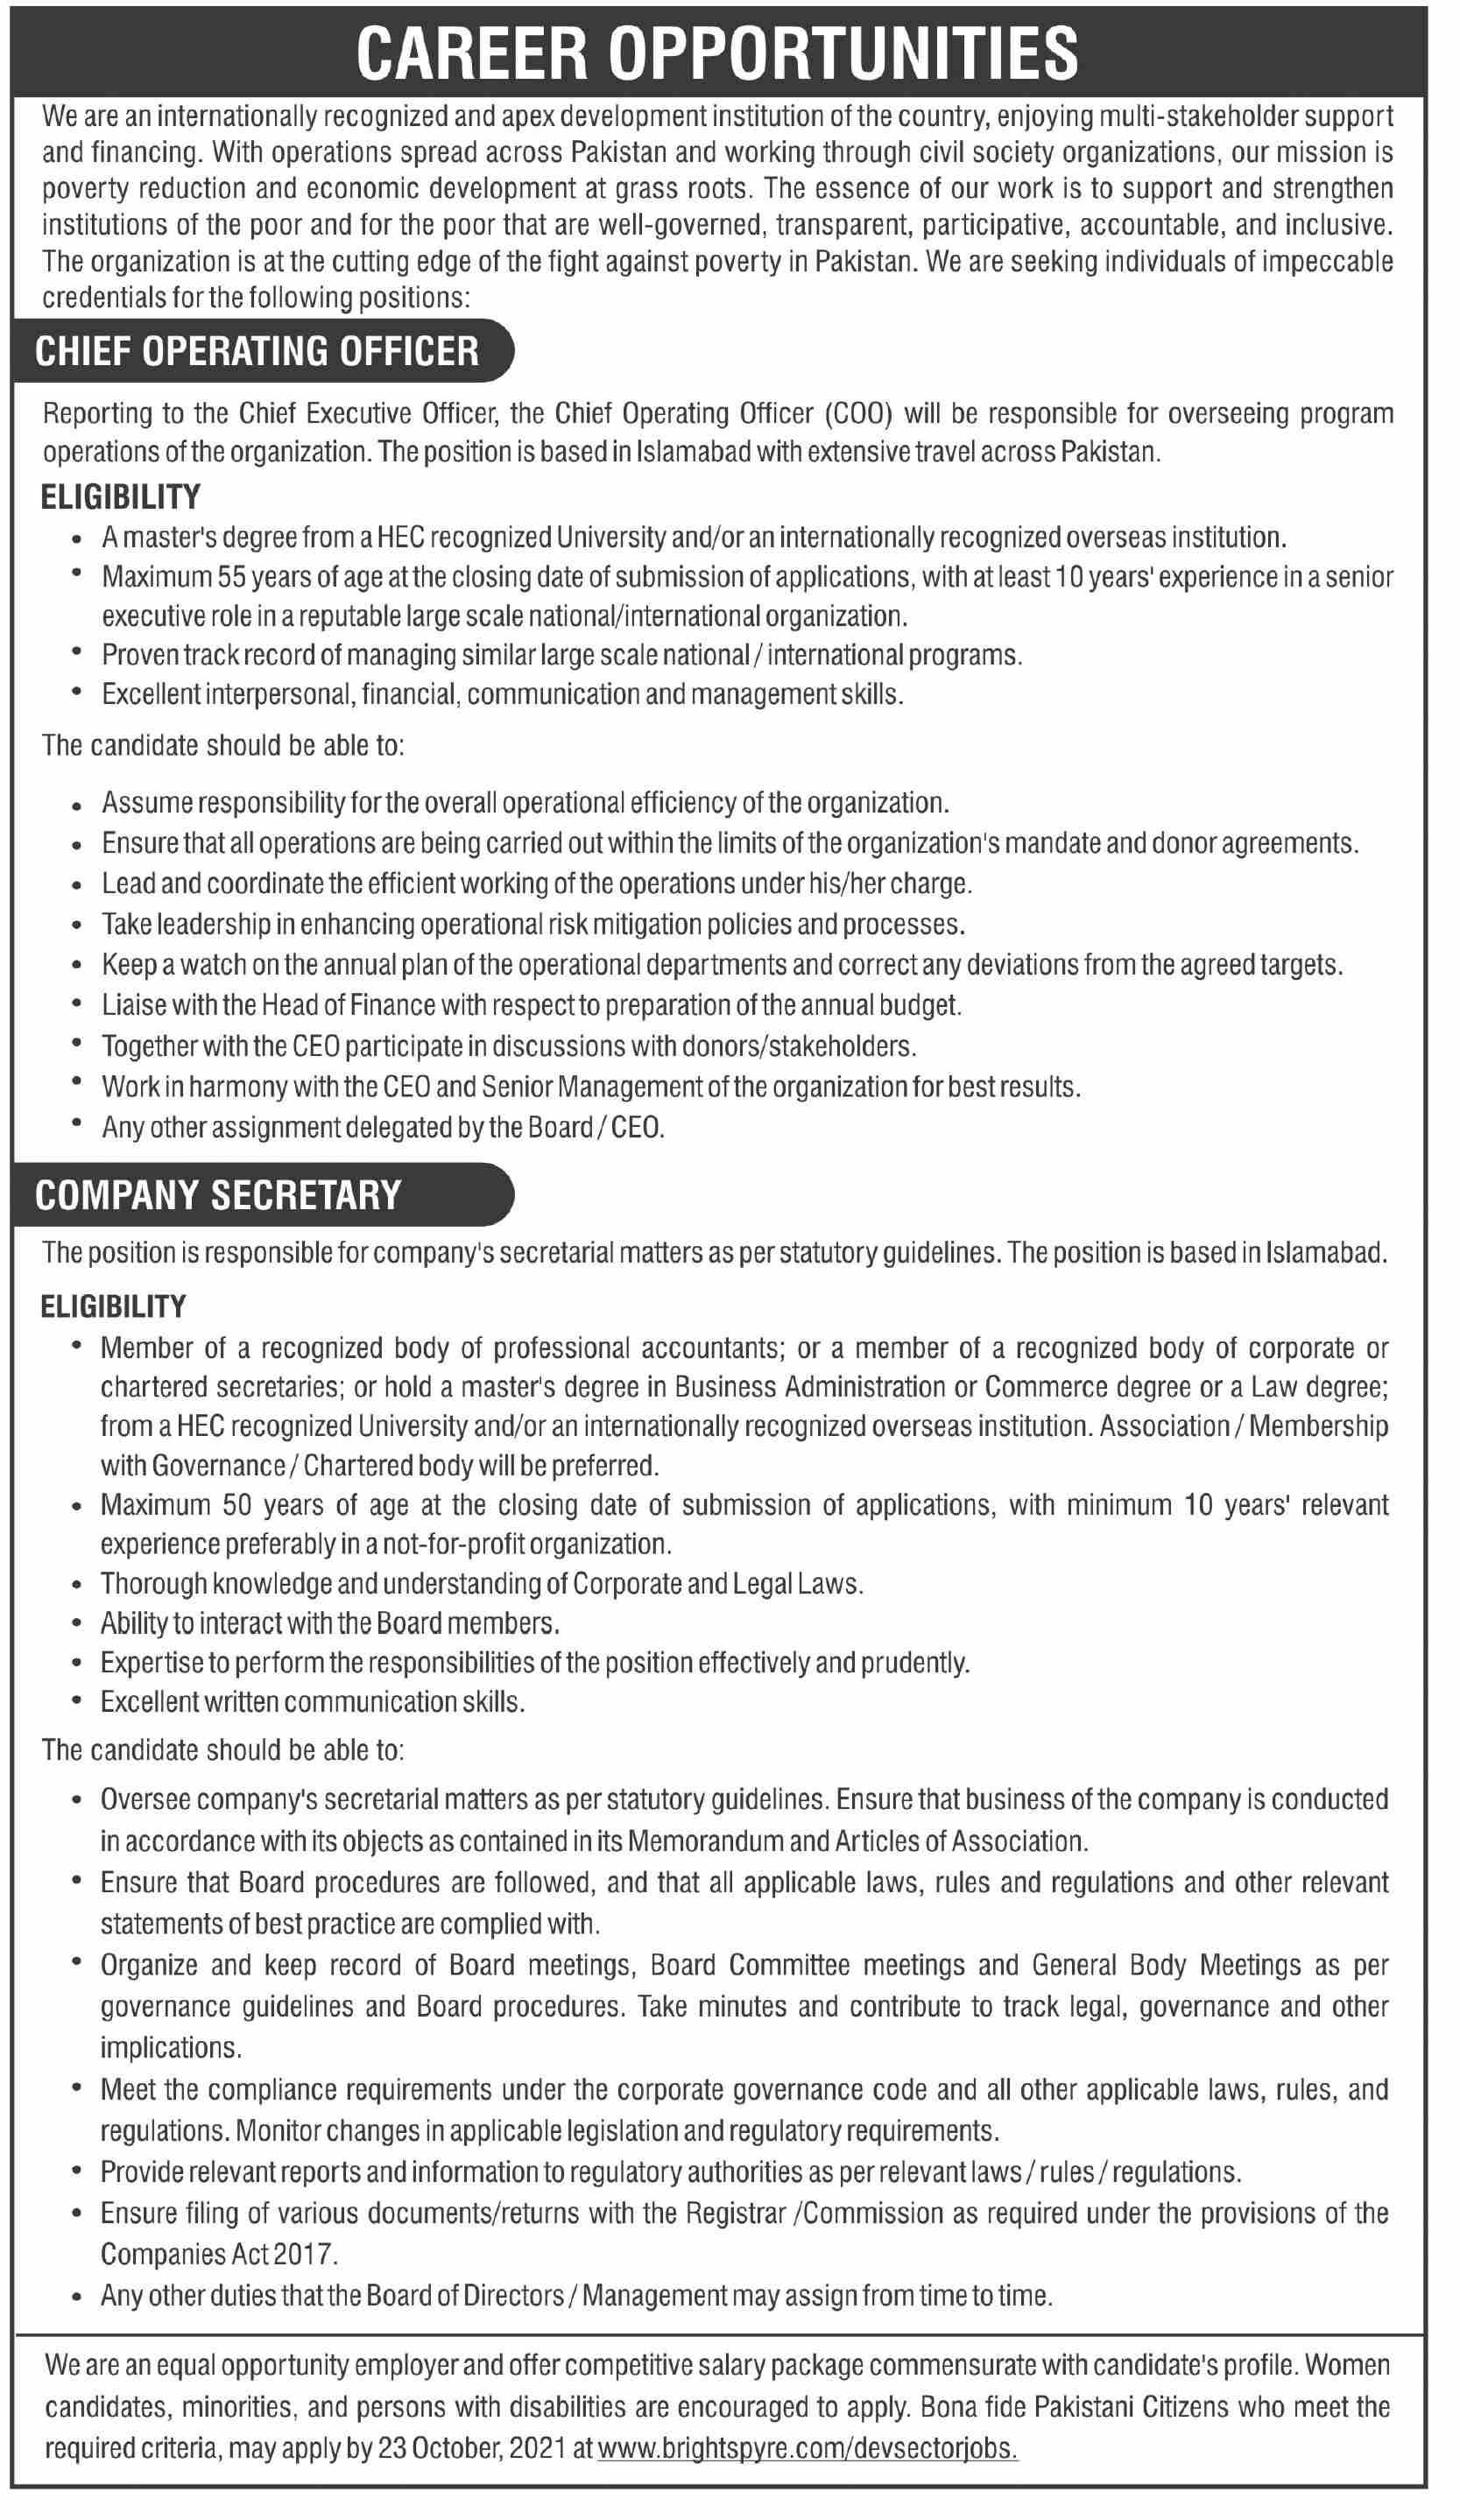 Chief Operating Officer & Company Secretary Jobs 2021